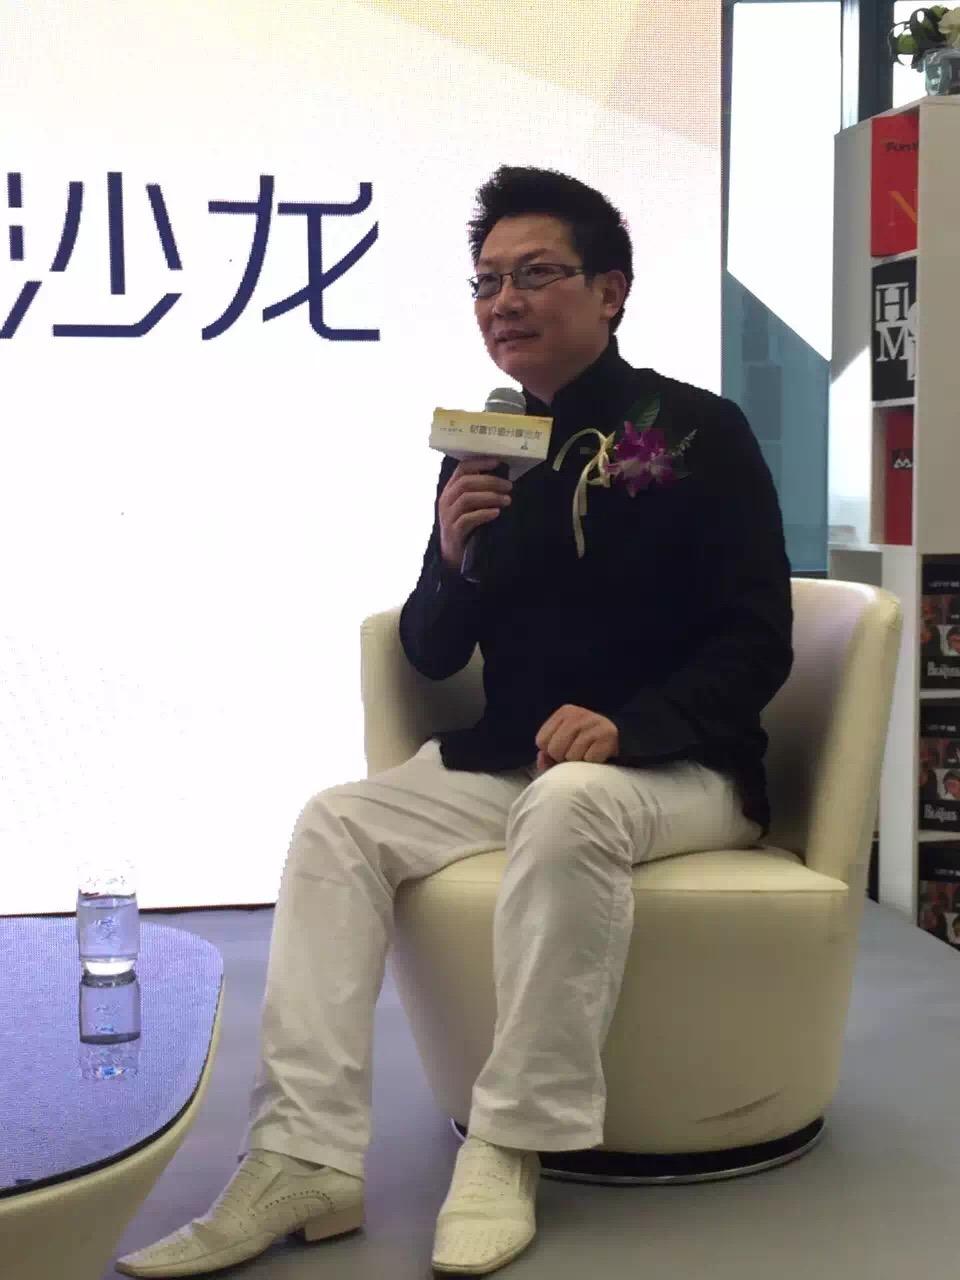 中企资本联盟CECU主席杜猛北京保利国际广场财富价值分享沙龙主讲